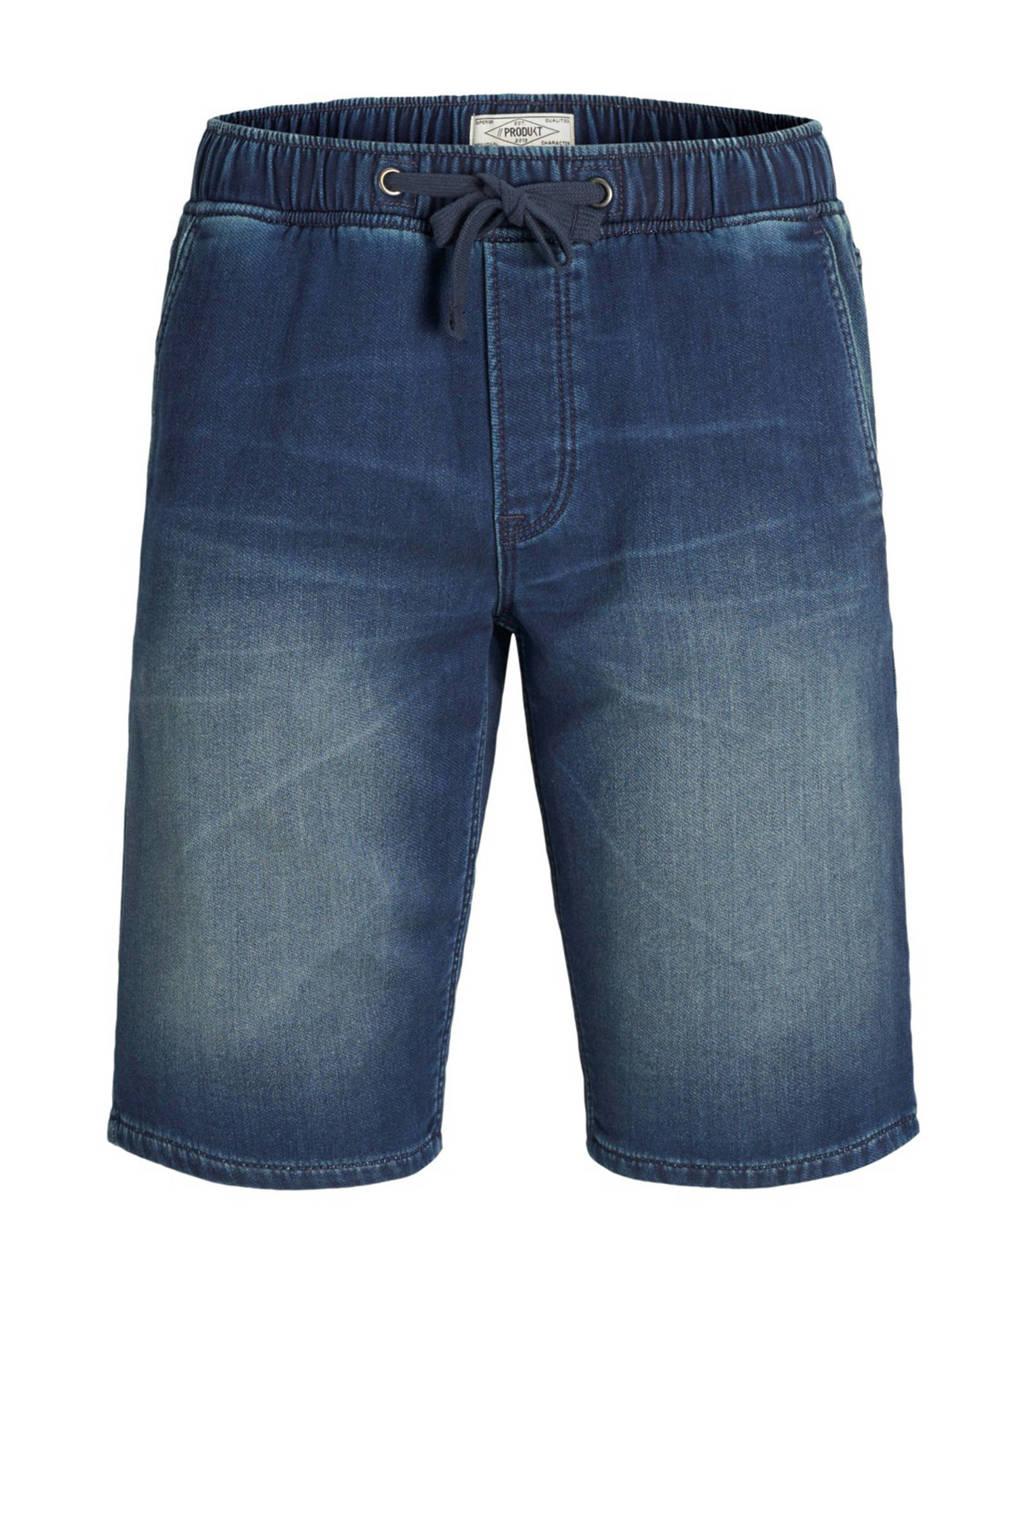 PRODUKT regular fit jeans short, Bleached denim